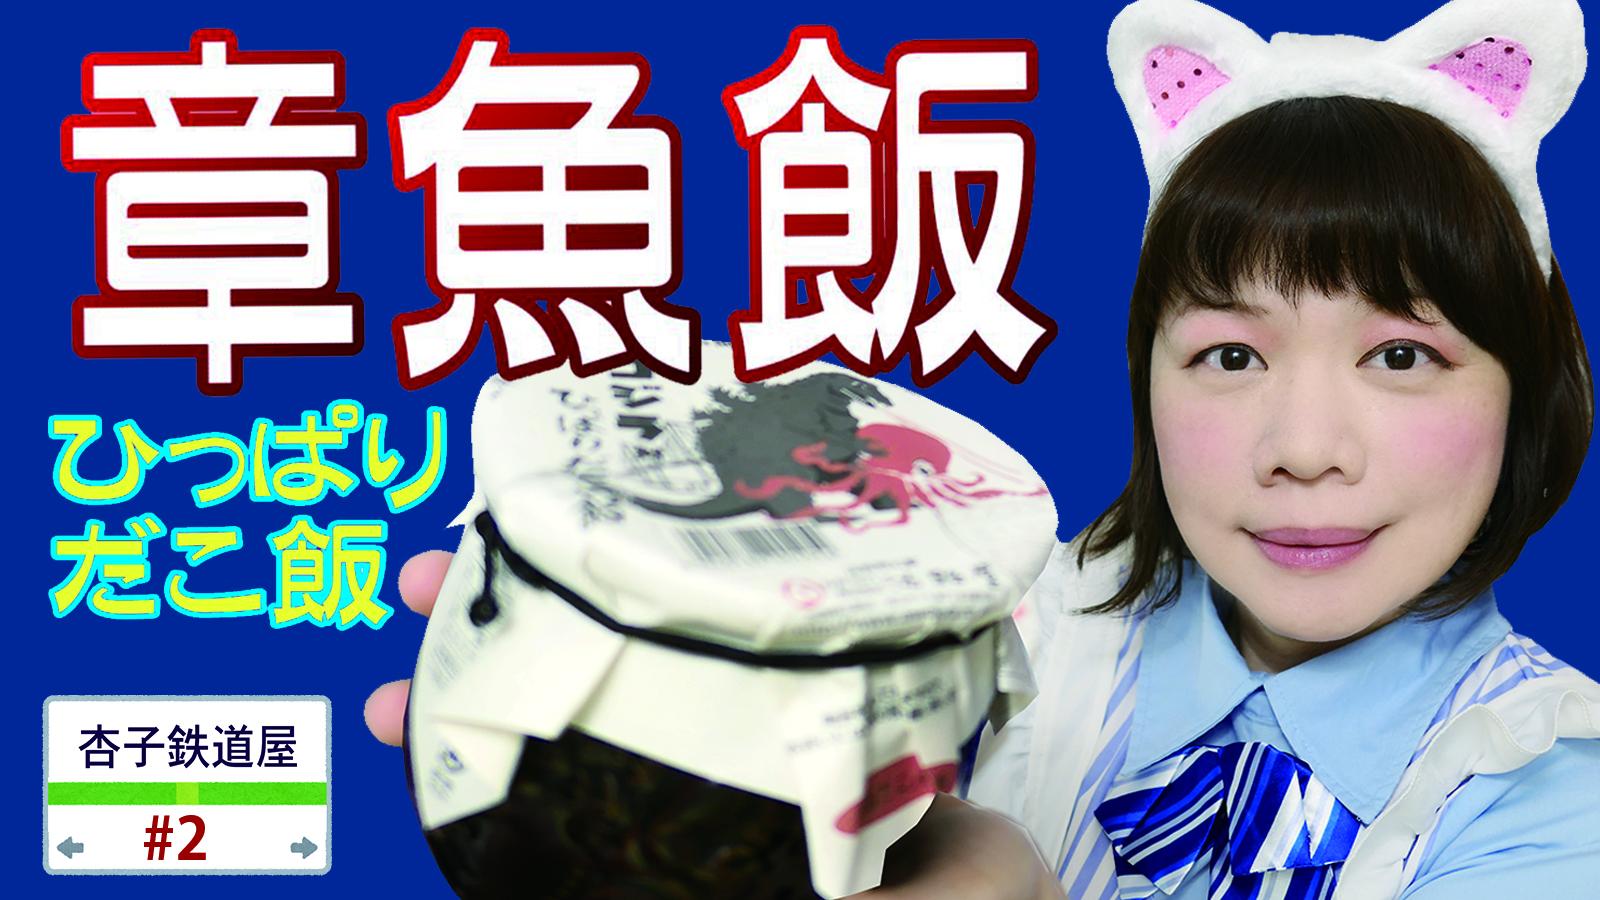 西明石車站 |  明石章魚飯・ひっぱりだこ飯・哥吉拉版本 |  ゴジラ対ひっぱりだこ飯